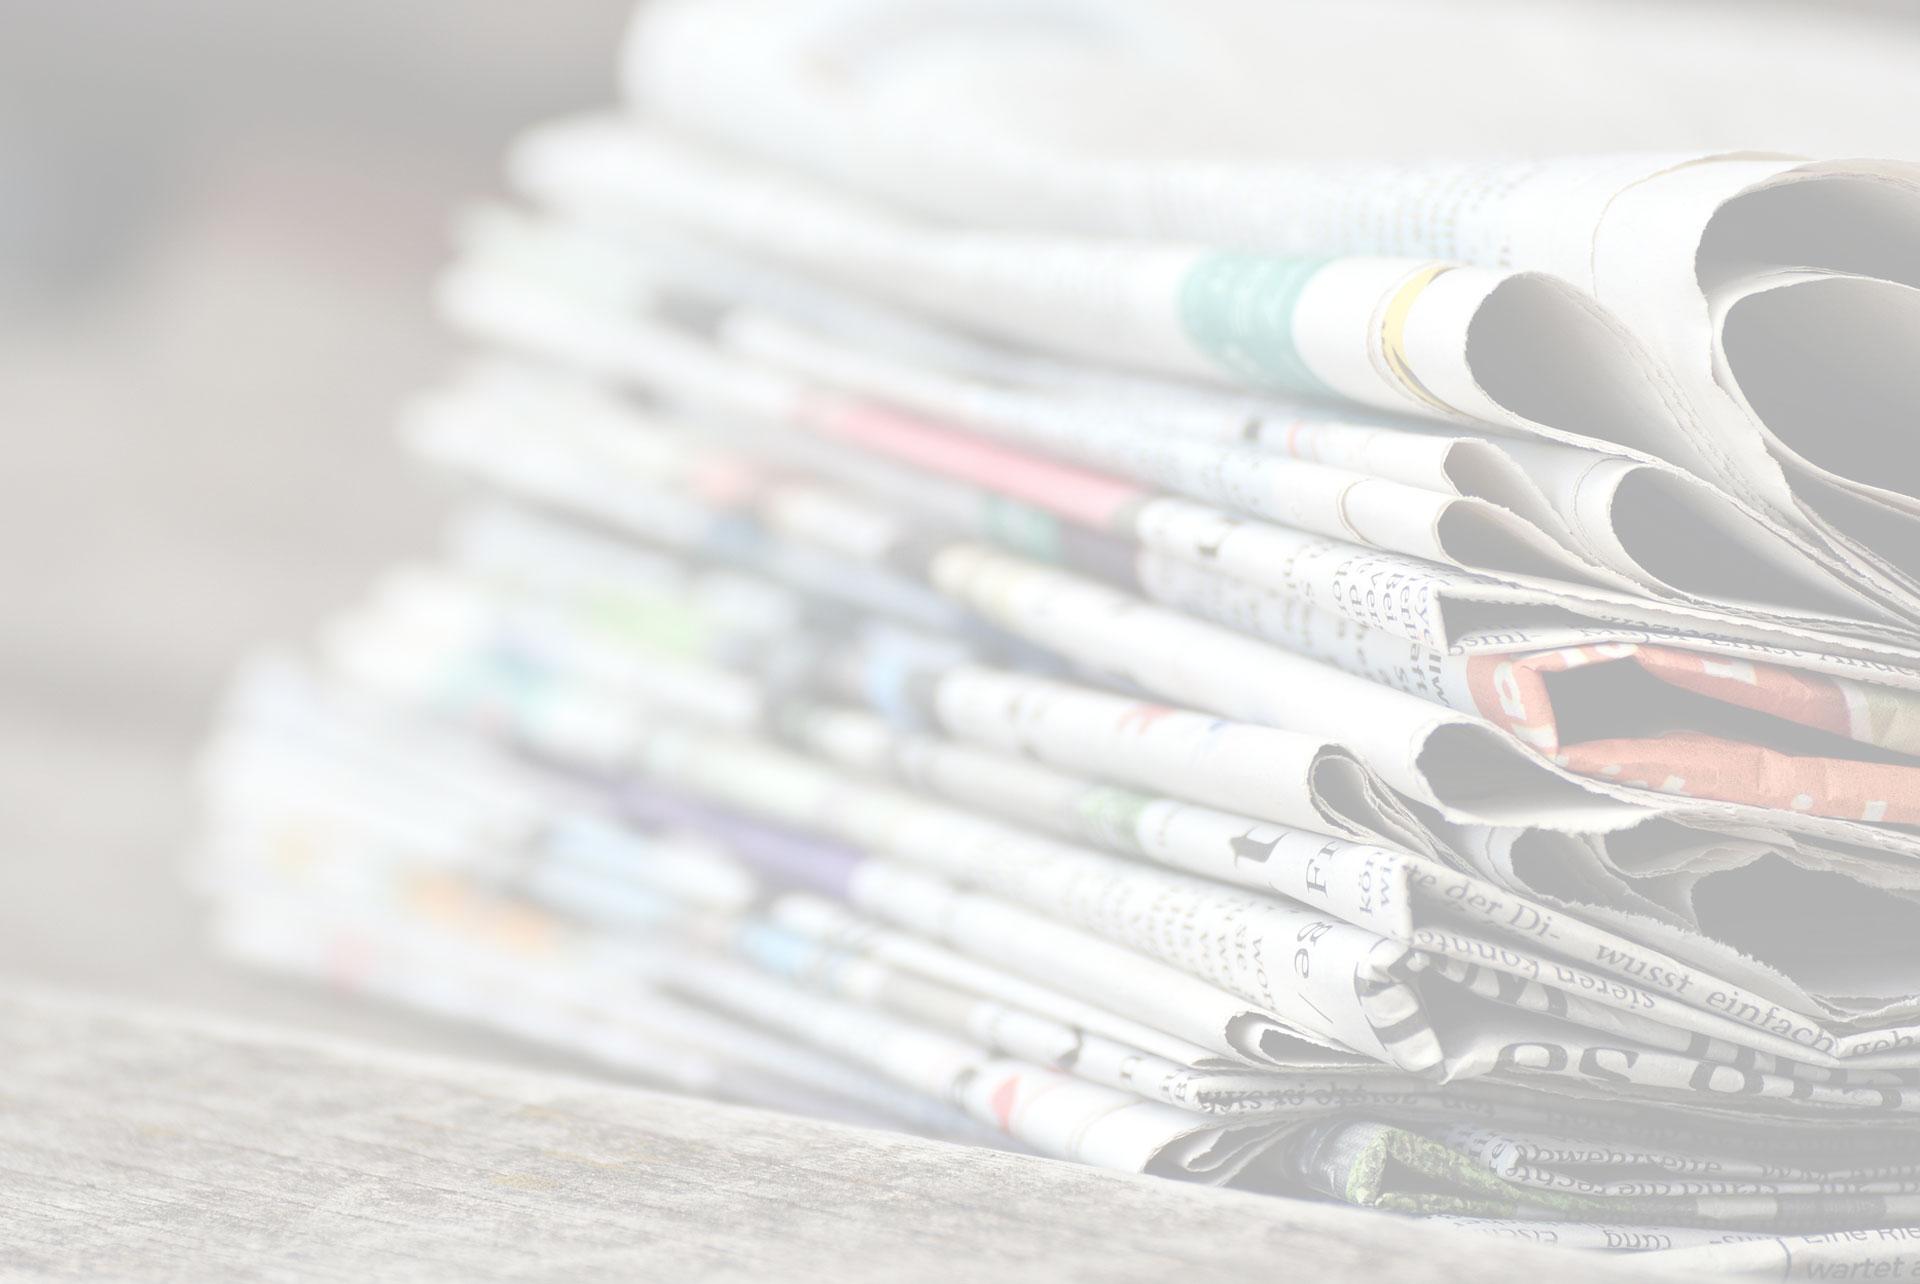 Le App per controllare il tempo di utilizzo su Android